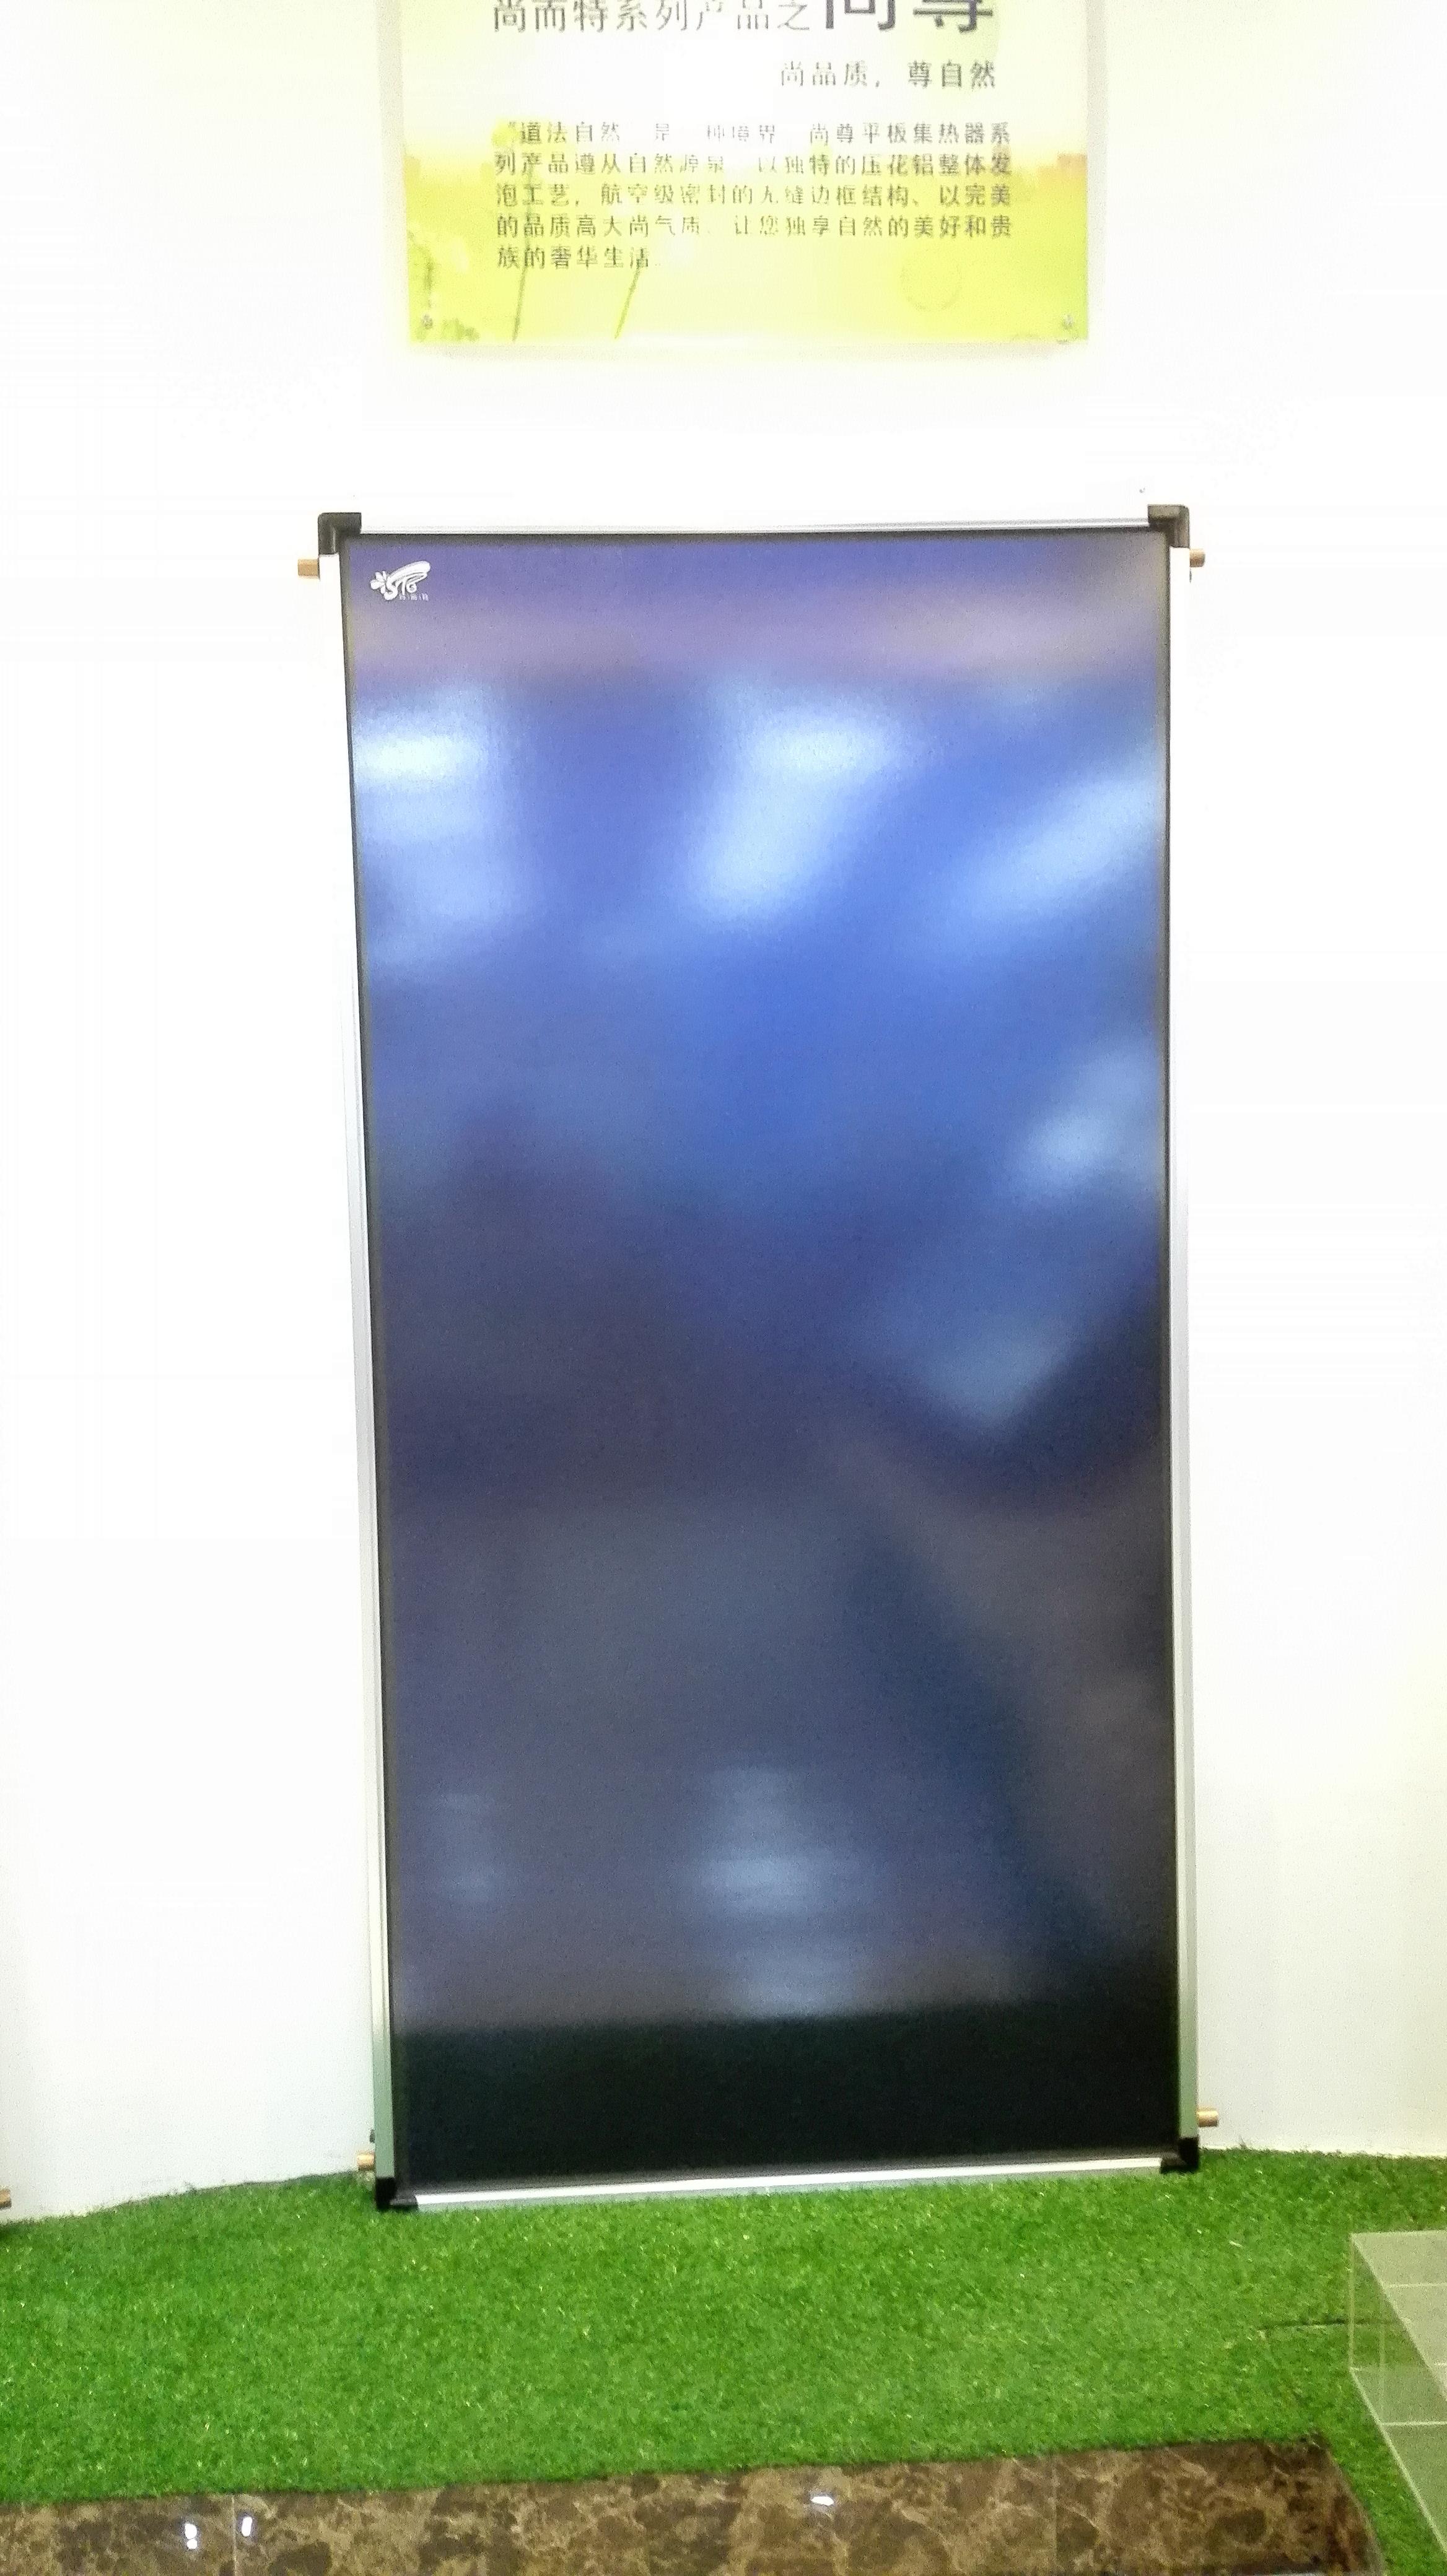 蓝膜太阳能 太阳能集热器 热水工程板